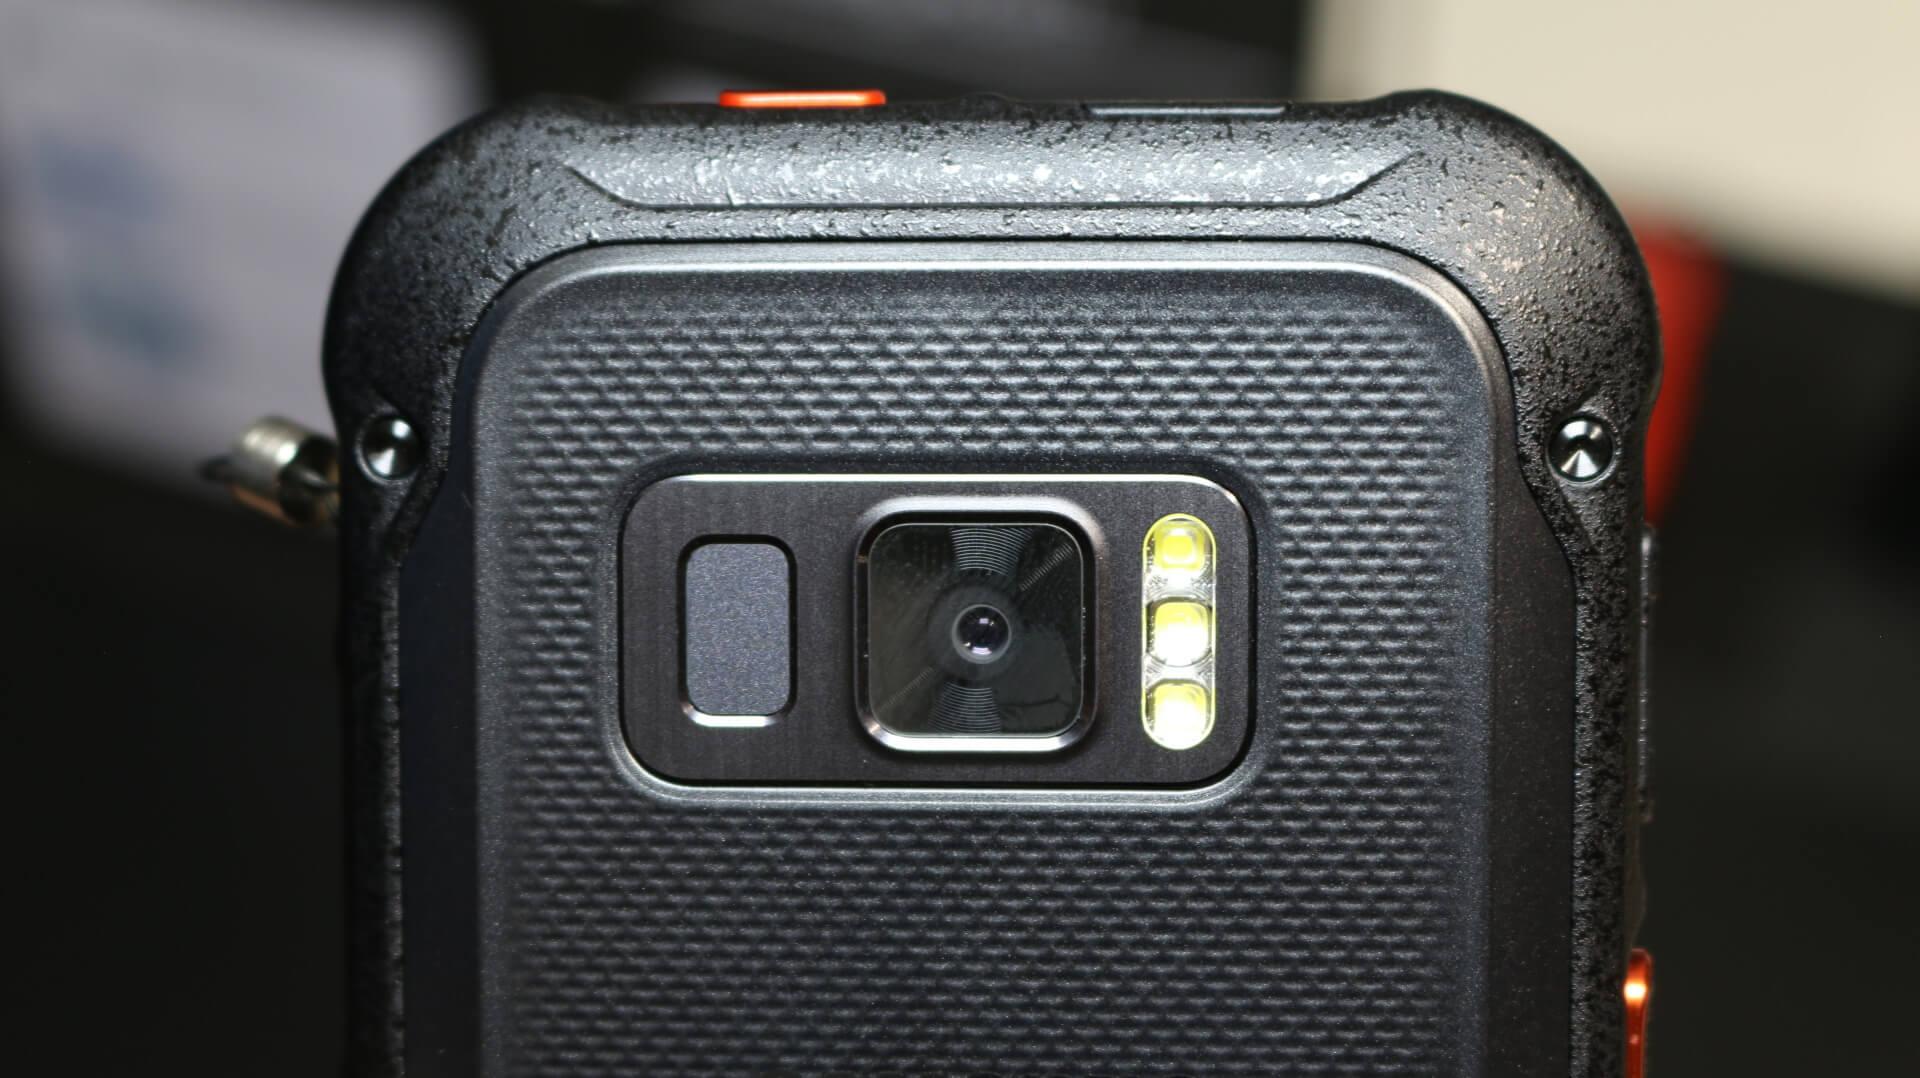 Wersja tak-jakby-Active Samsunga Galaxy S9 nie do kupienia w sklepie